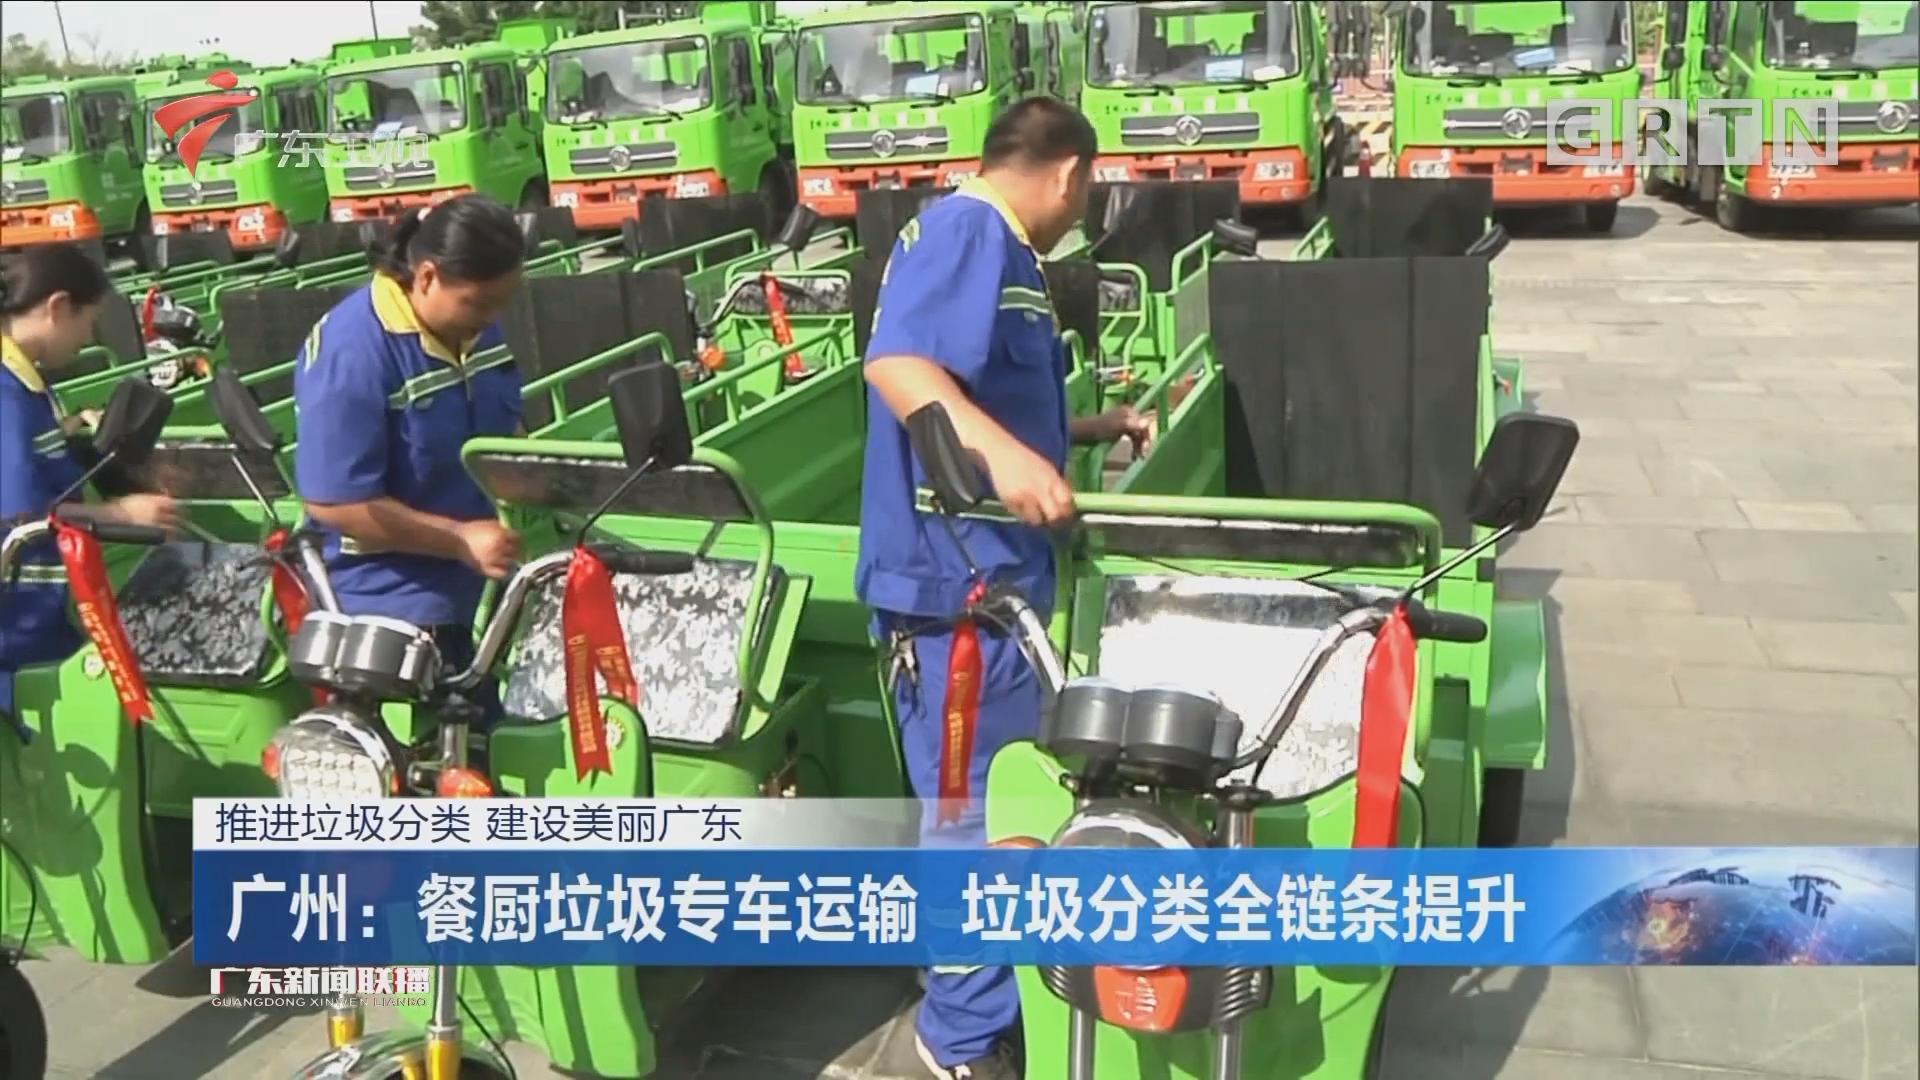 广州:餐厨垃圾专车运输 垃圾分类全链条提升